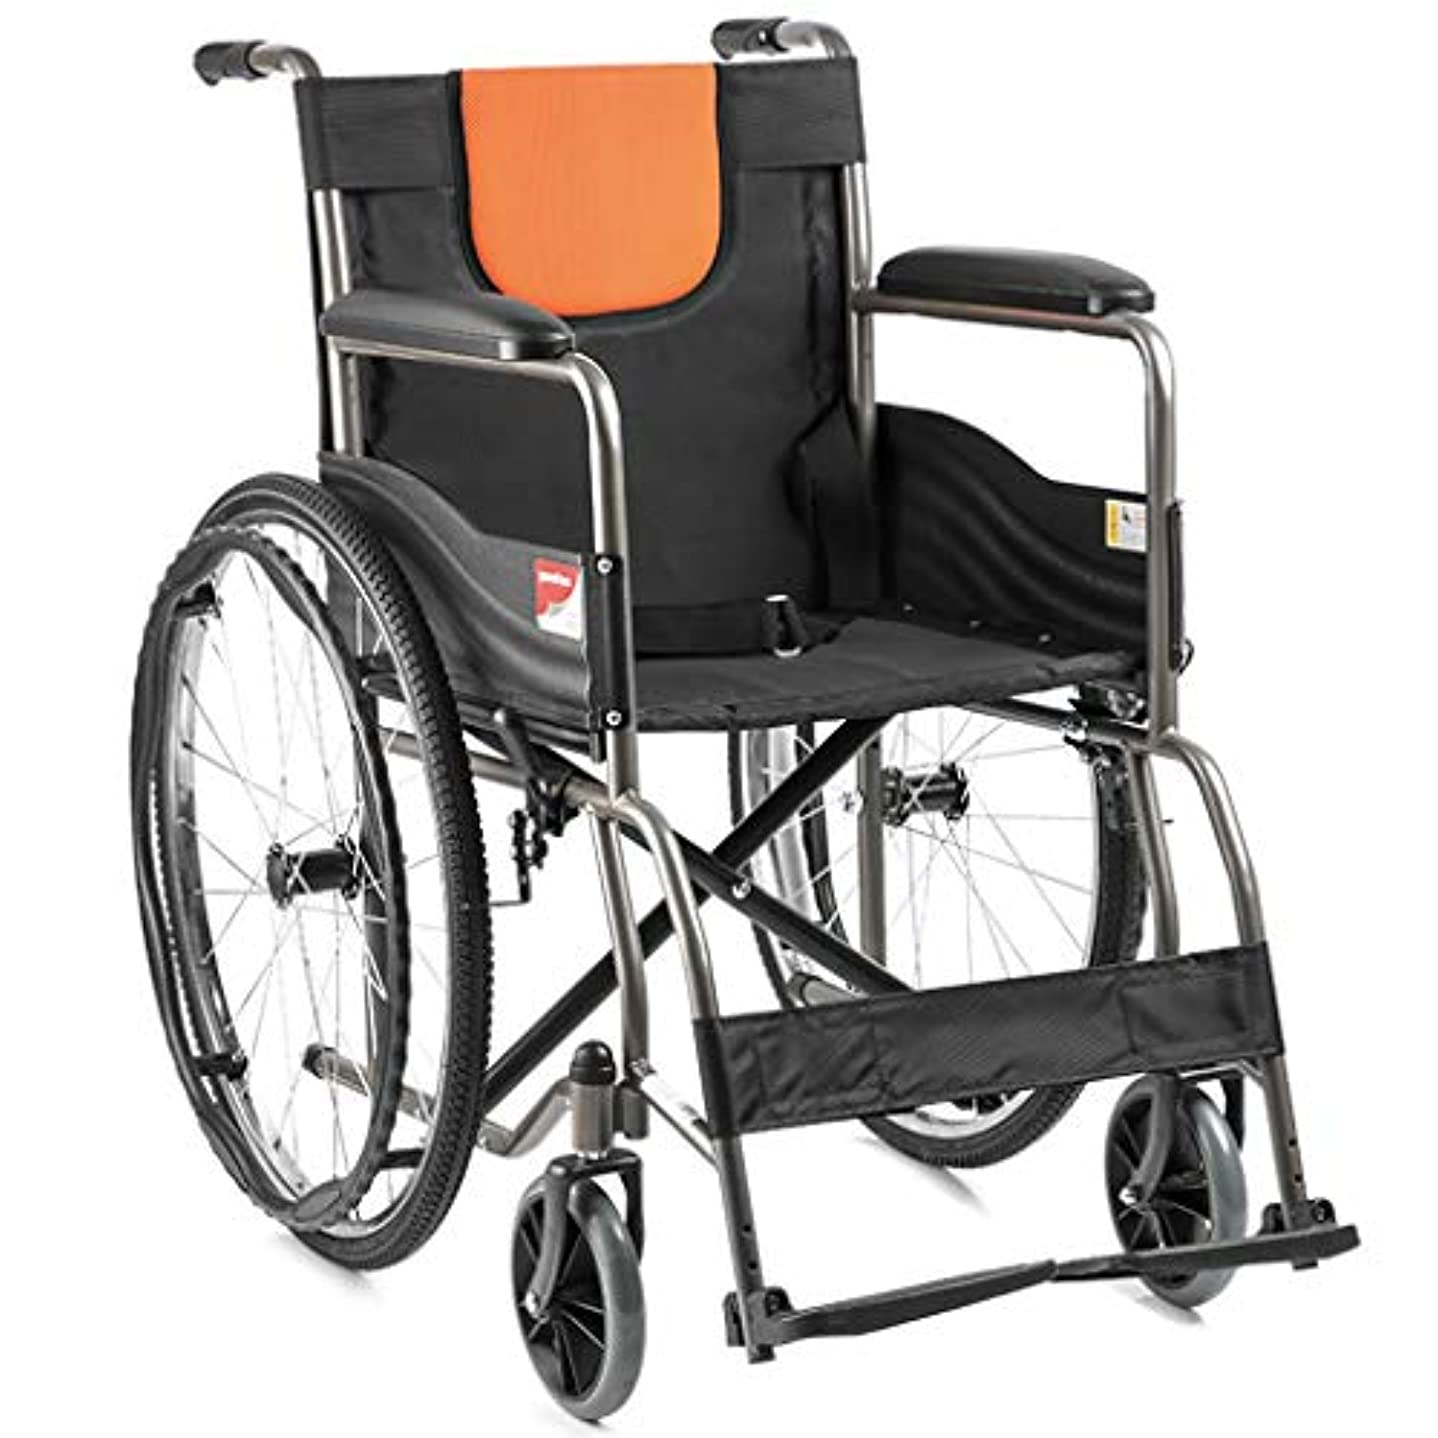 聖歌出力密車椅子トロリー折りたたみペダル、4輪ブレーキ、ポータブル屋外旅行トロリー車椅子